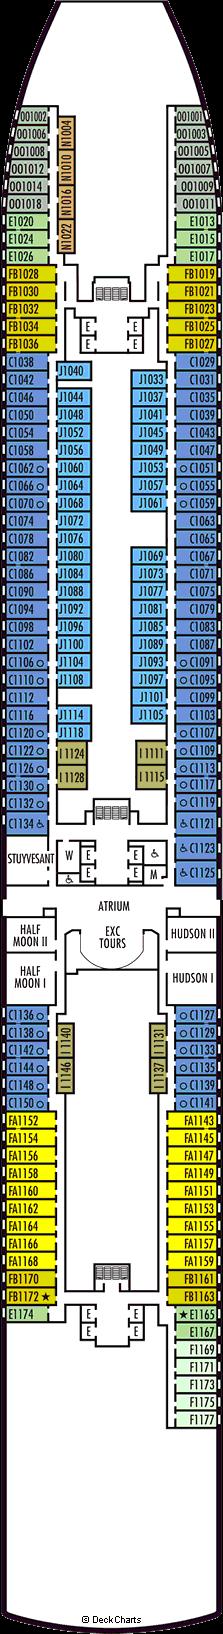 Koningsdam: Main Deck